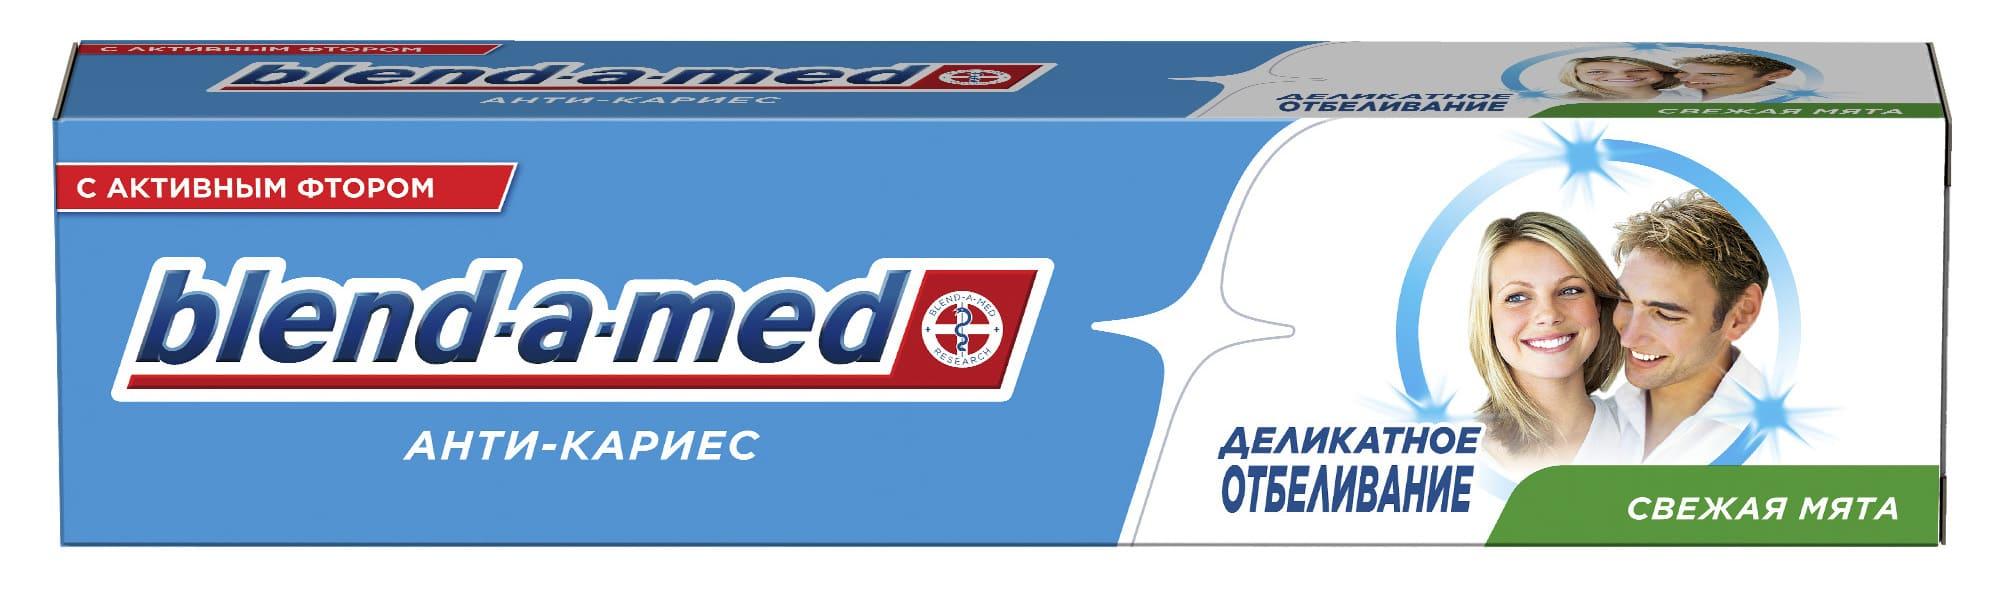 Зубная паста BLEND-A-MED Анти-Кариес Здоровая белизна и деликатное отбеливание 100мл стоимость